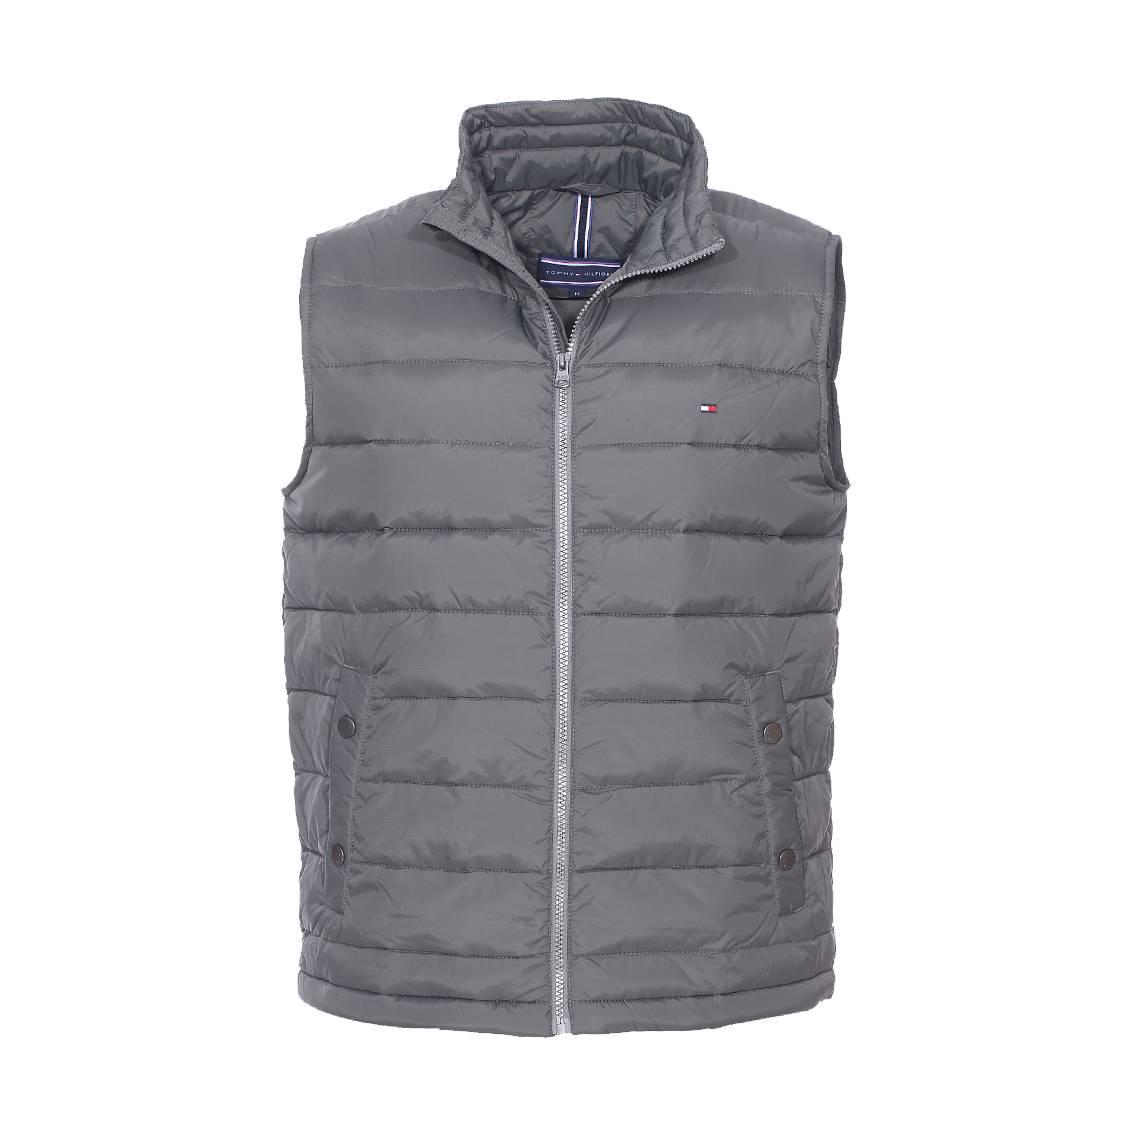 doudoune sans manches ripstop vest tommy hilfiger gris. Black Bedroom Furniture Sets. Home Design Ideas